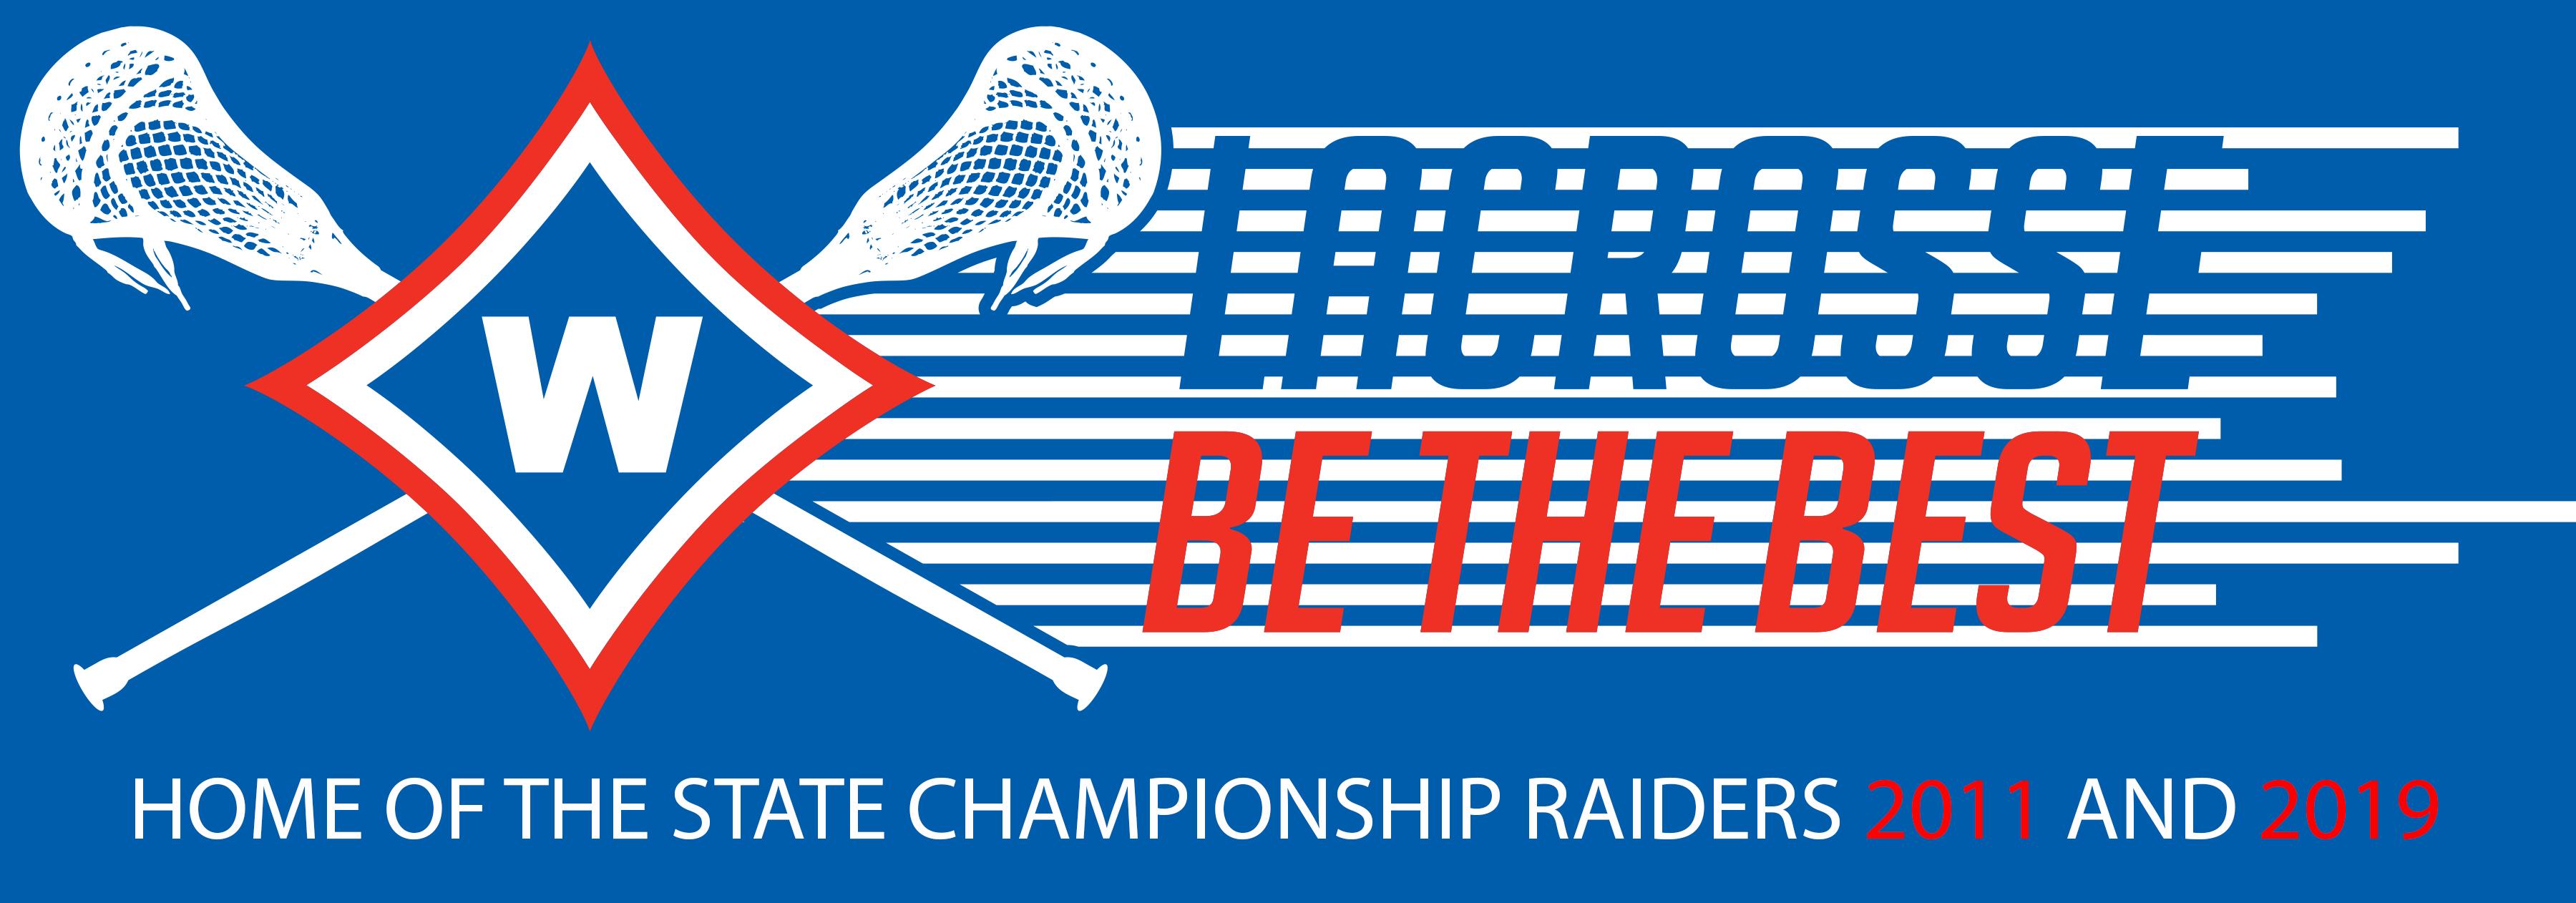 Walton Raiders Lacrosse, Lacrosse, Goal, Field